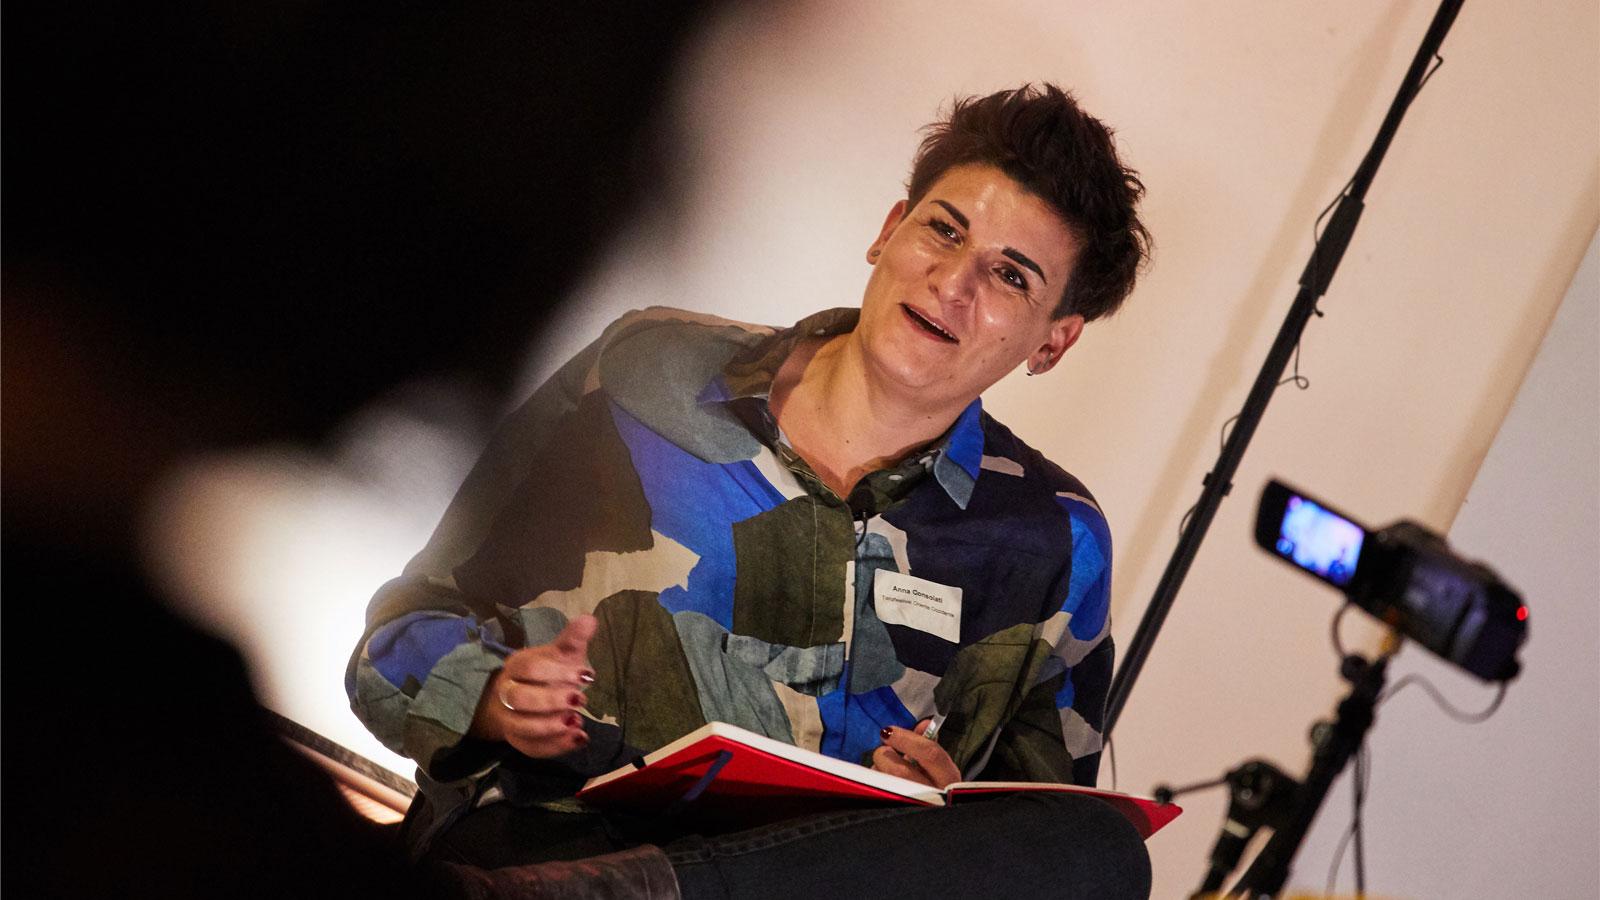 At the ALL IN Symposium. Anna Consolati speaks. ©Anna Spindelndreier